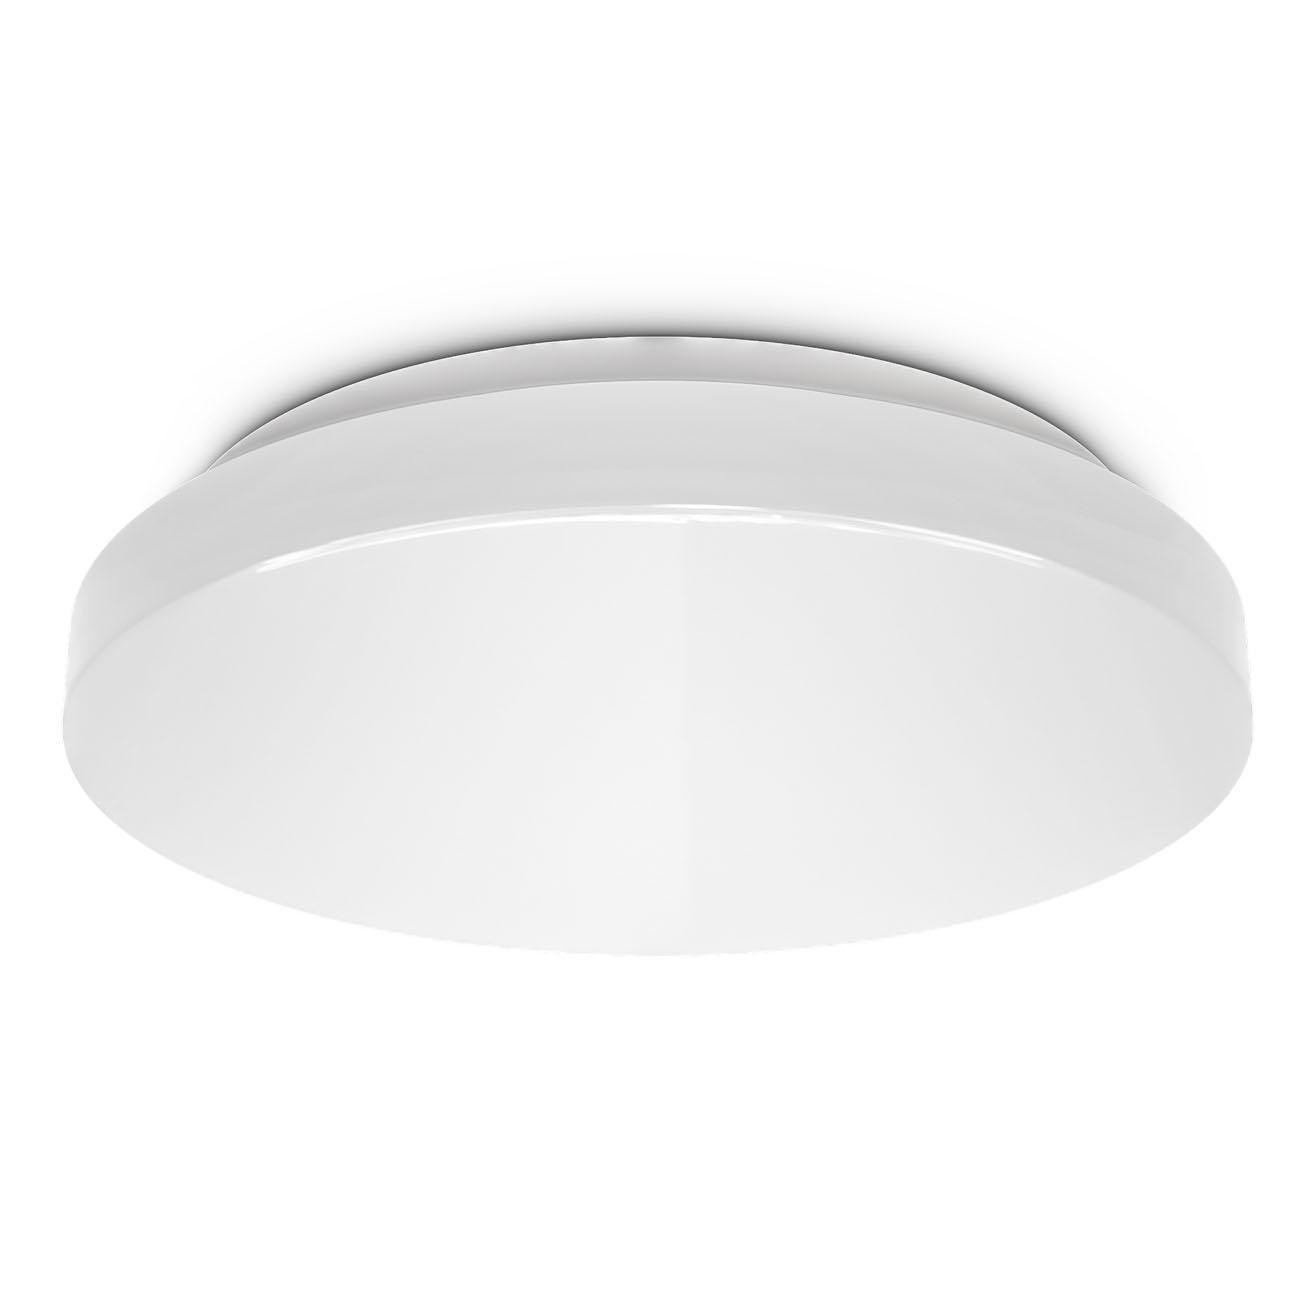 LED Deckenleuchte Badlampe IP44 M